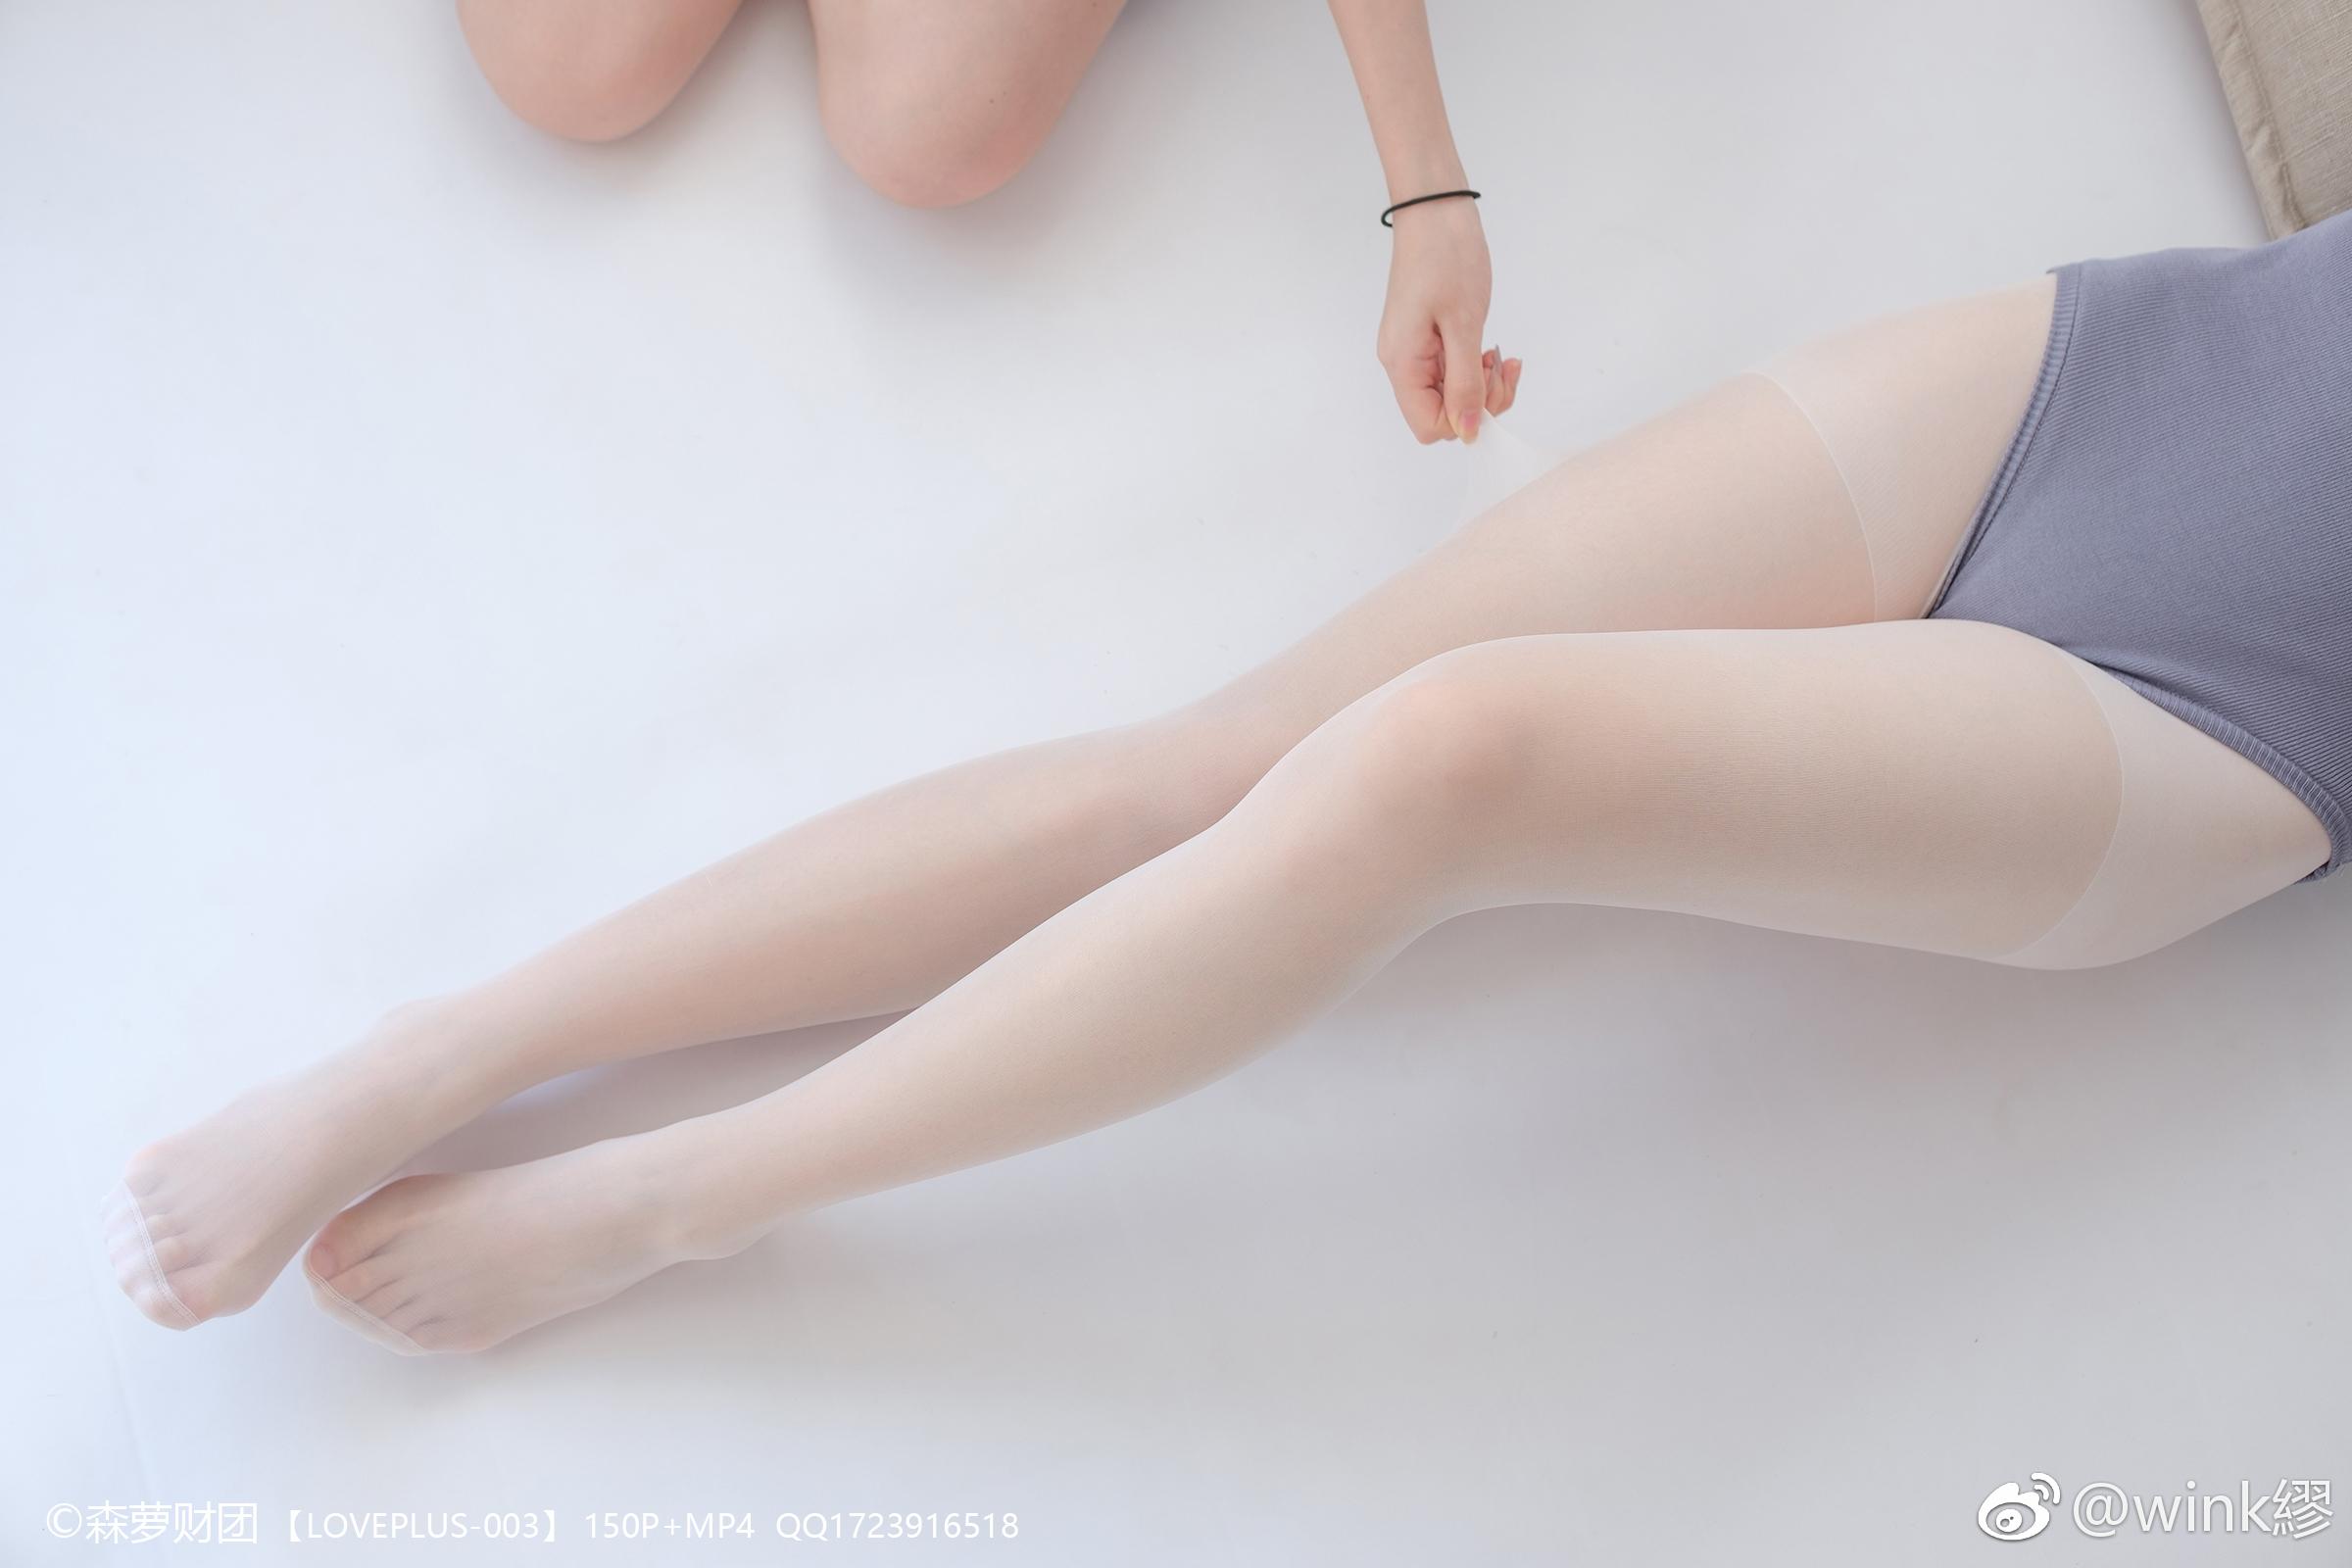 森萝财团丝袜妹子写真:LOVEPLUS-003(9P)